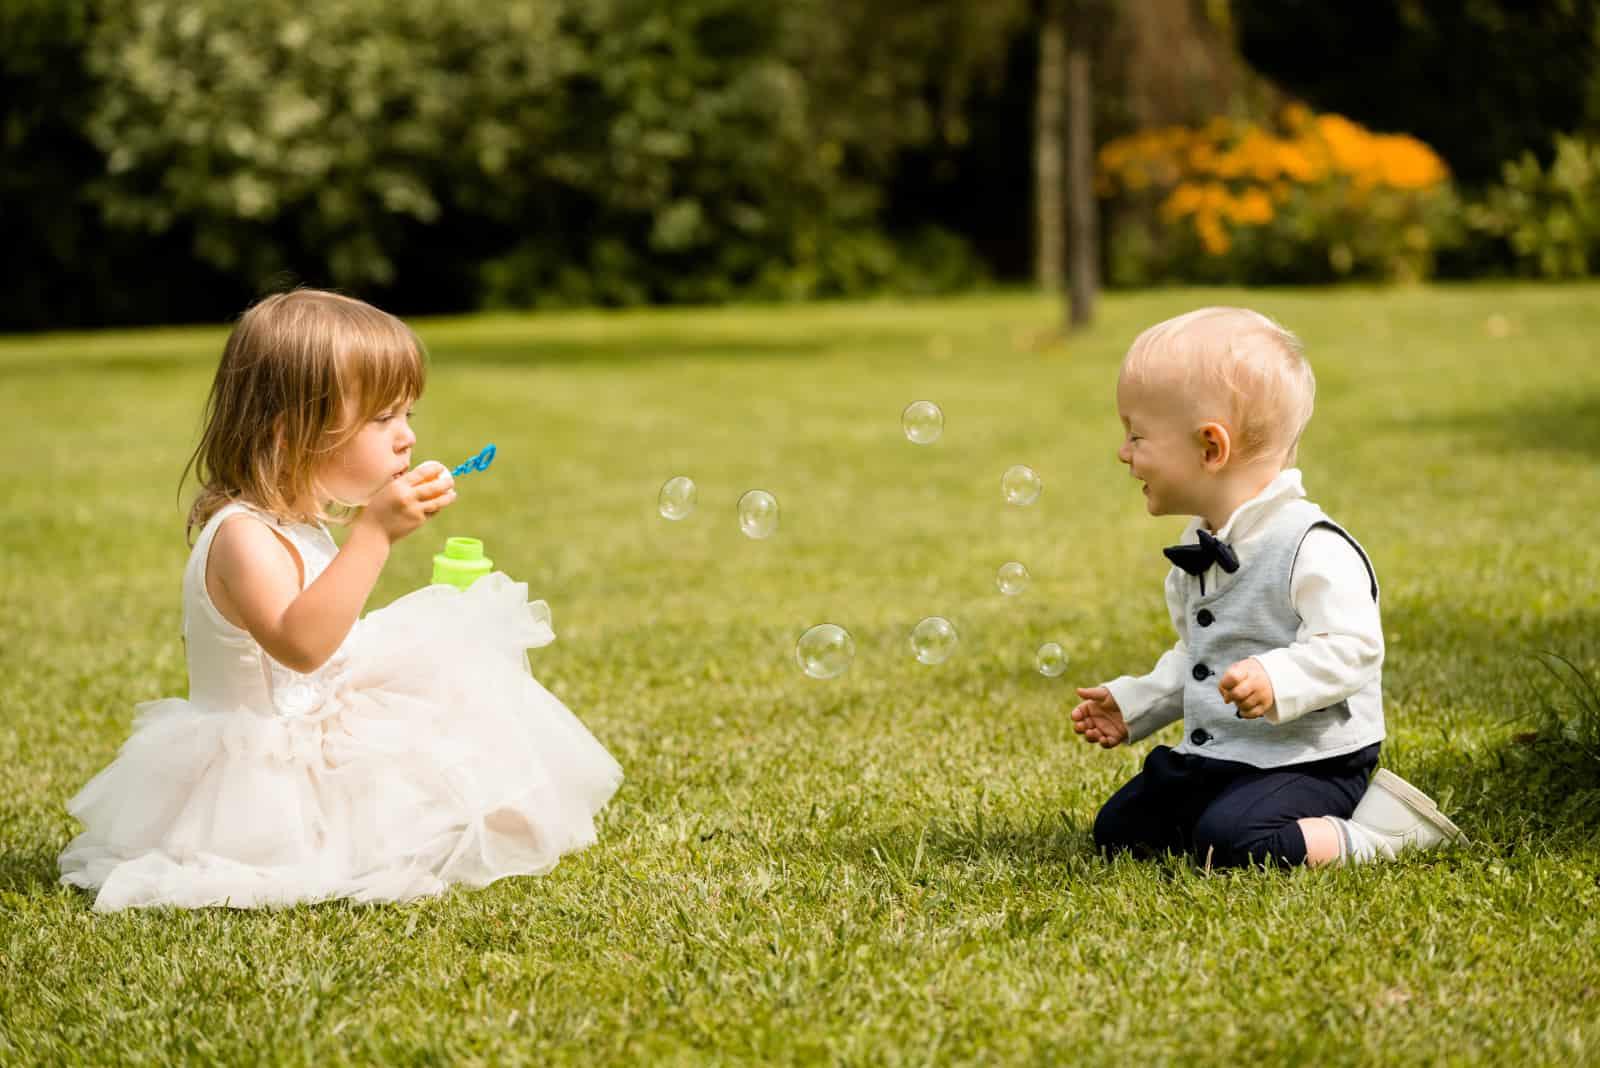 Zwei kleine Kinder spielen im Gras